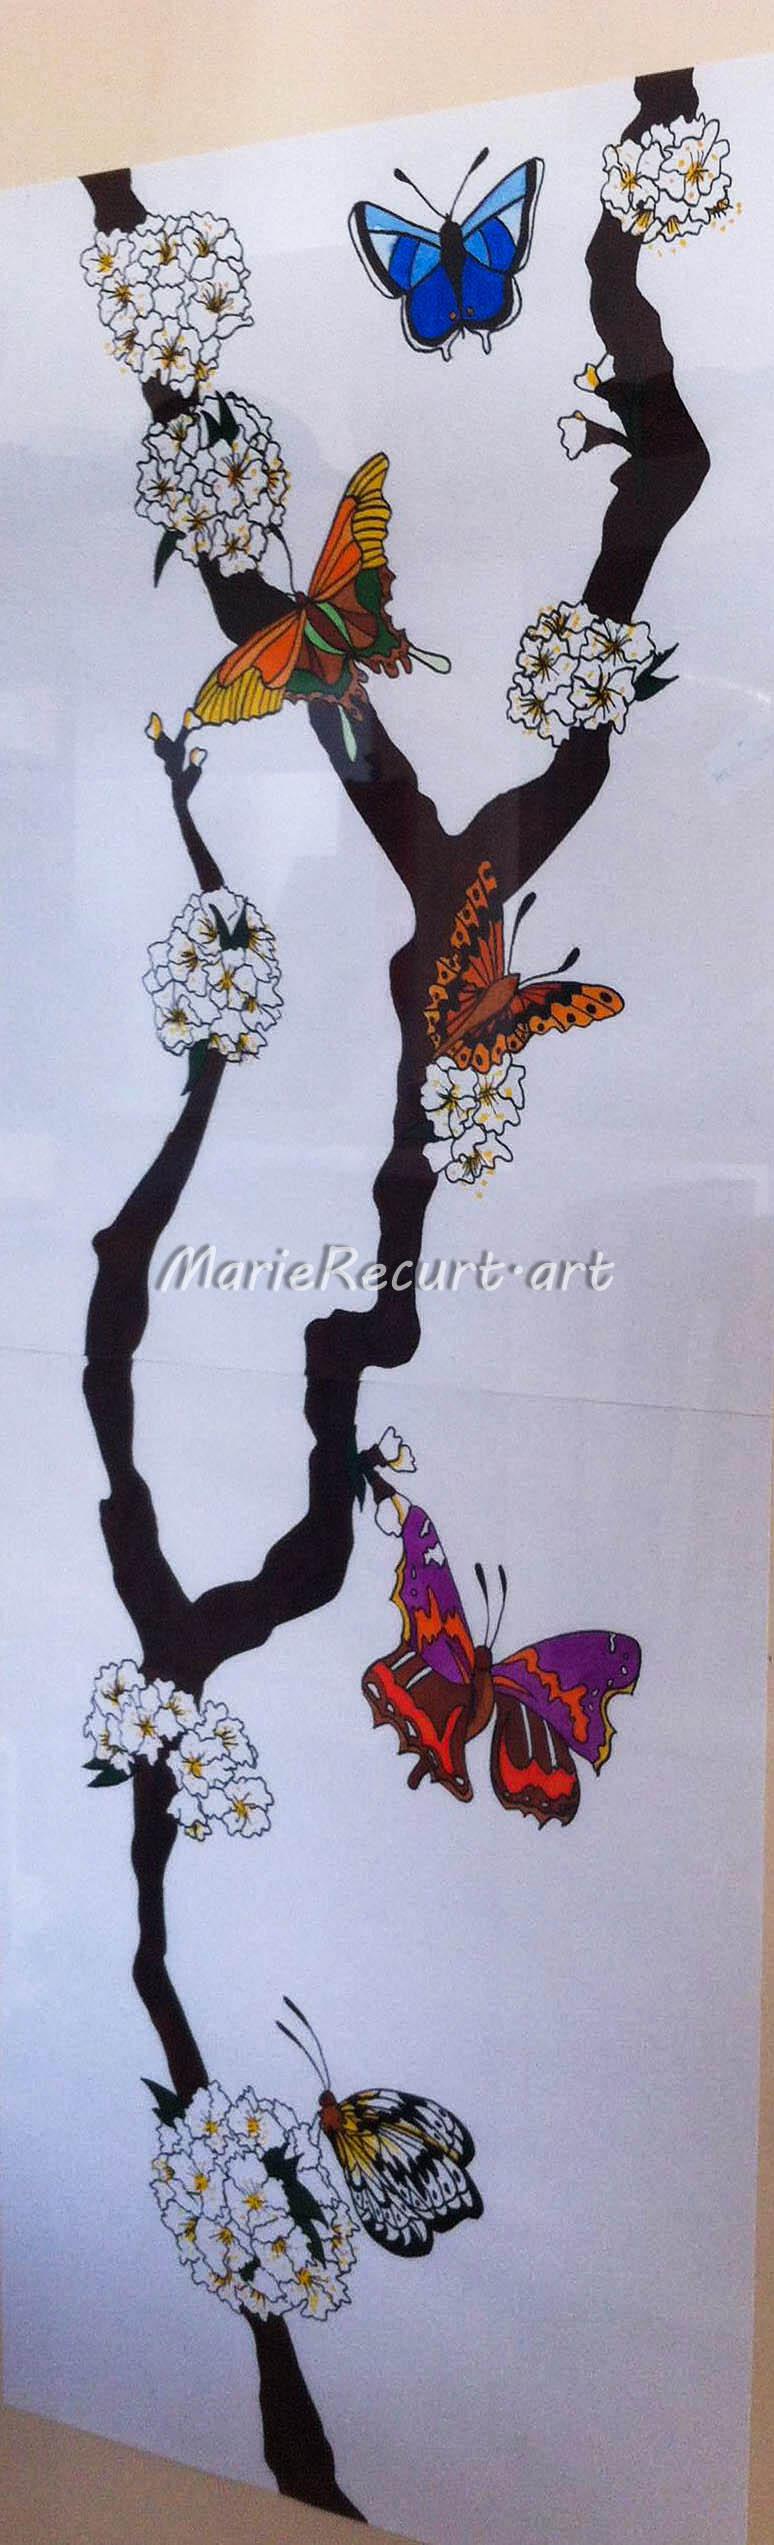 La branche aux papillons